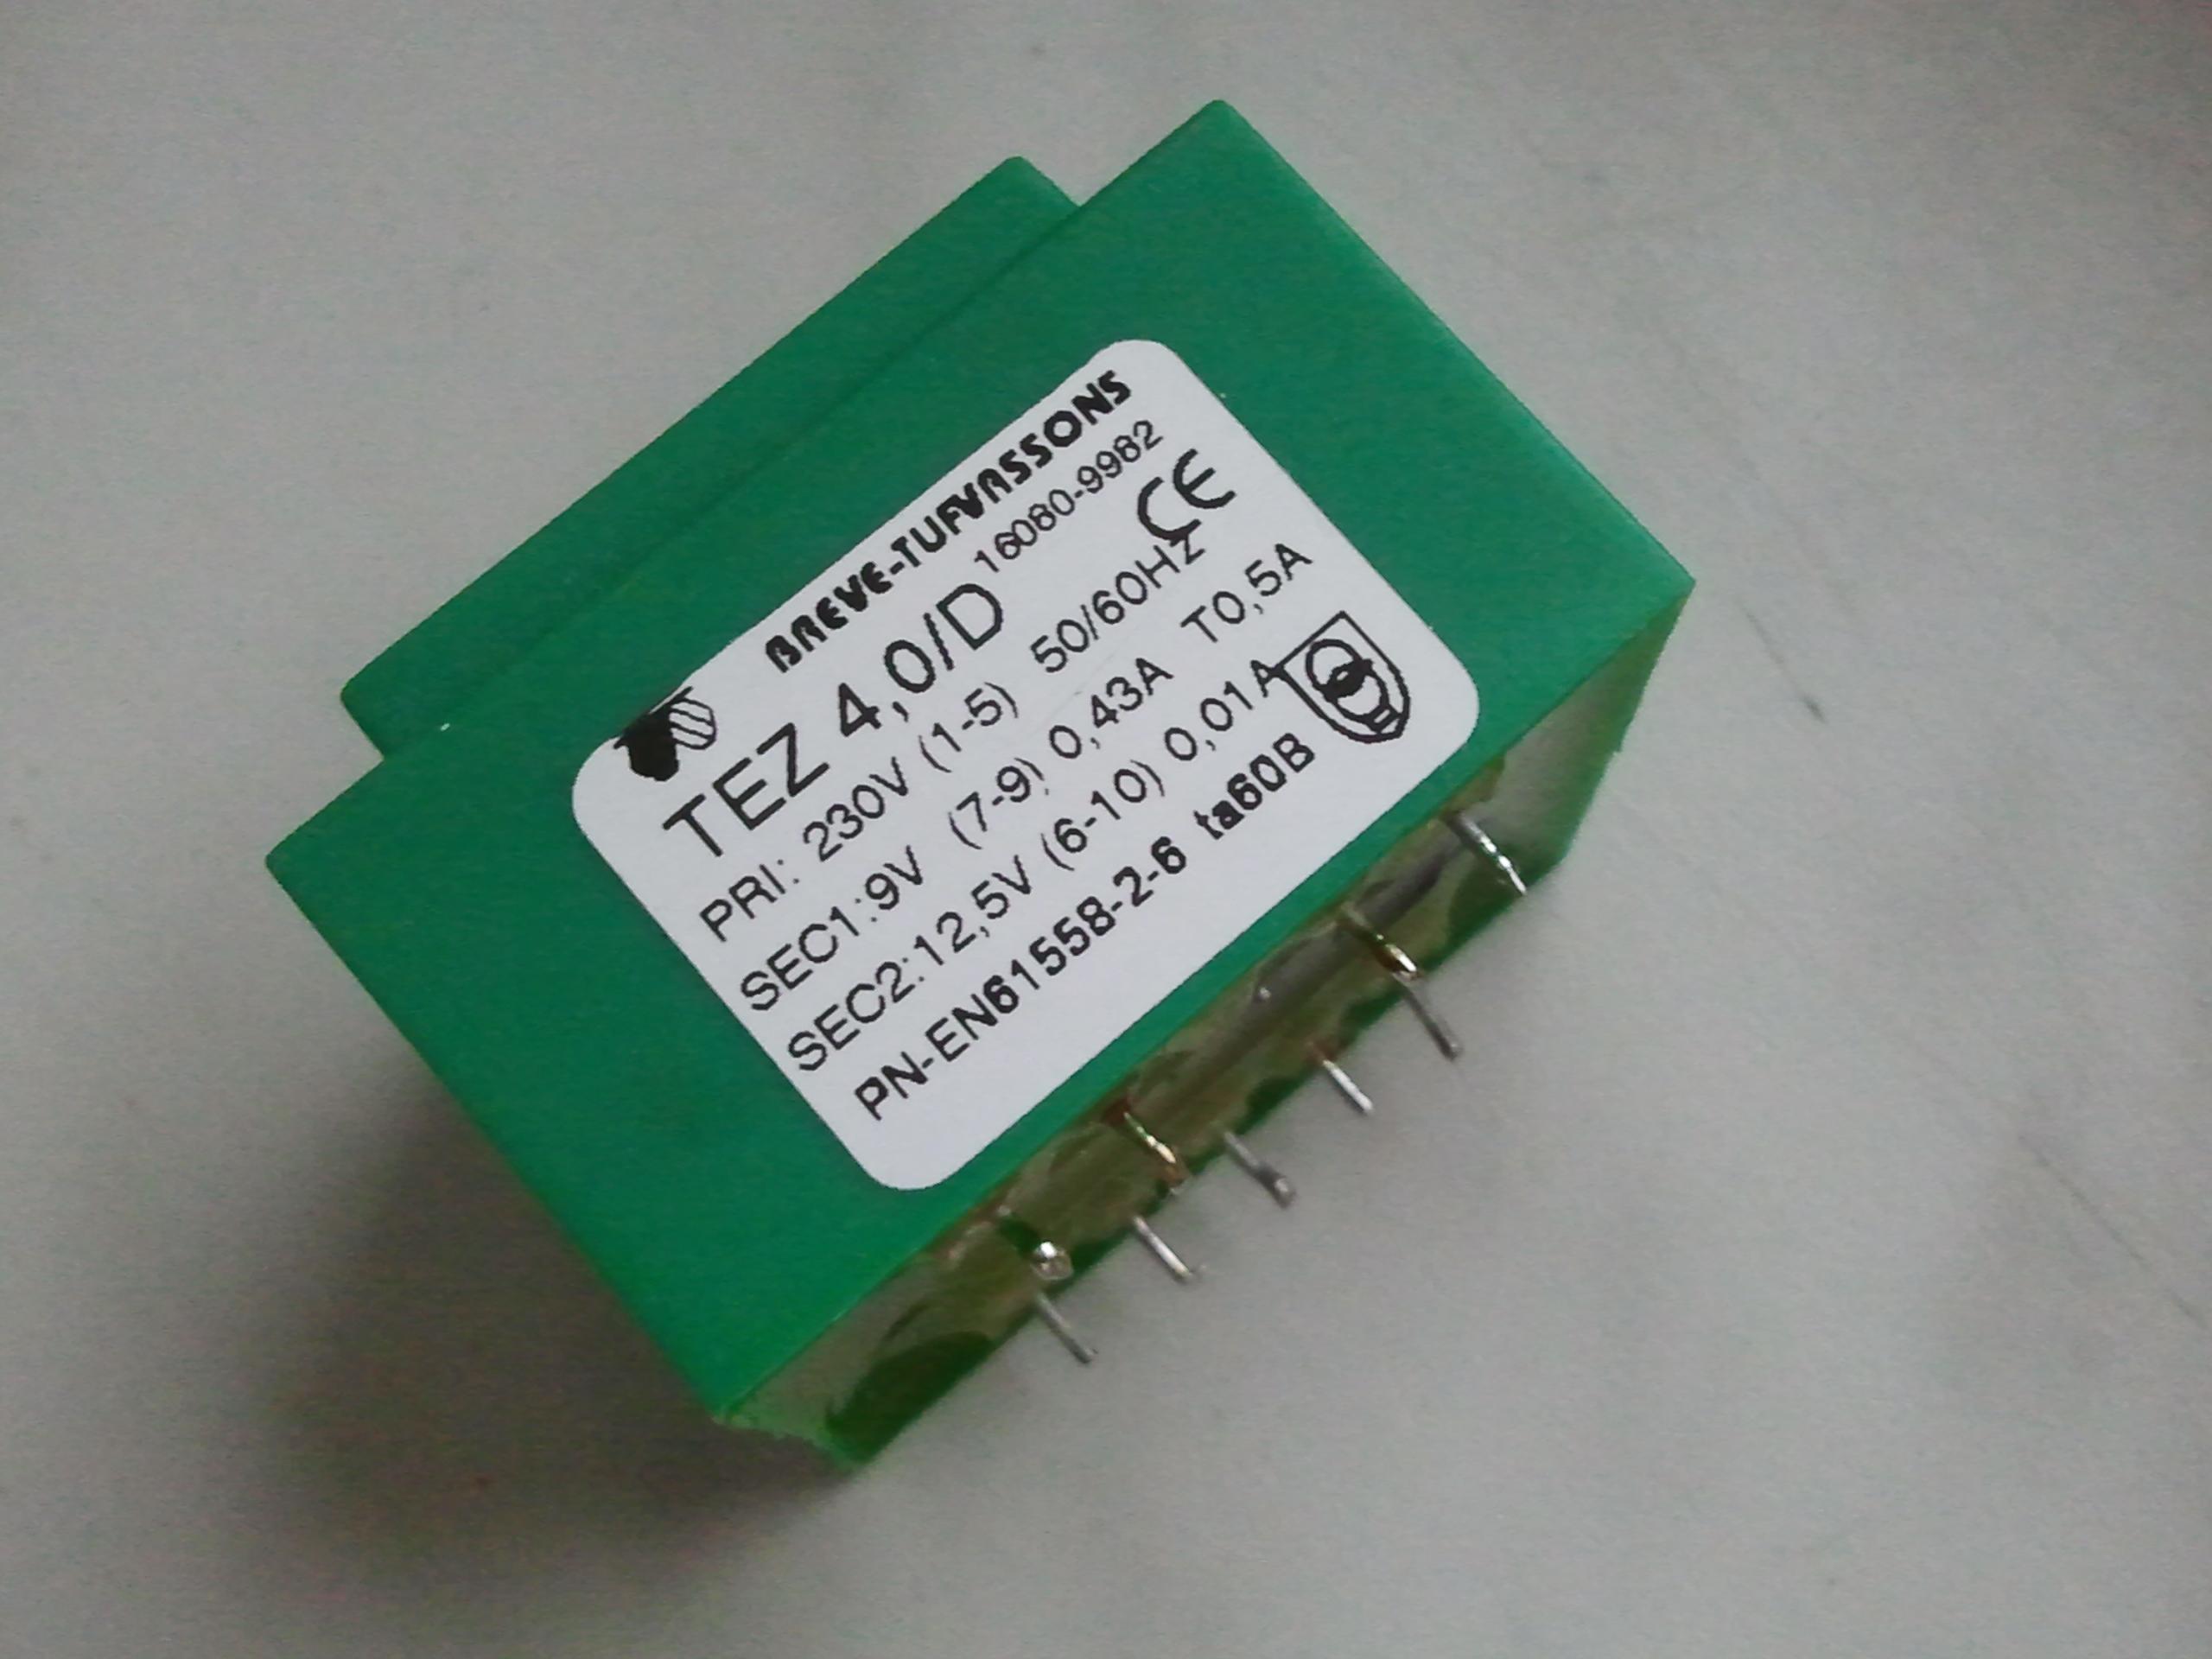 [Sprzedam] Sprzedam transformatory TEZ4/D 4VA 230 v 9V 0,43A z demonta�u- 20 szt